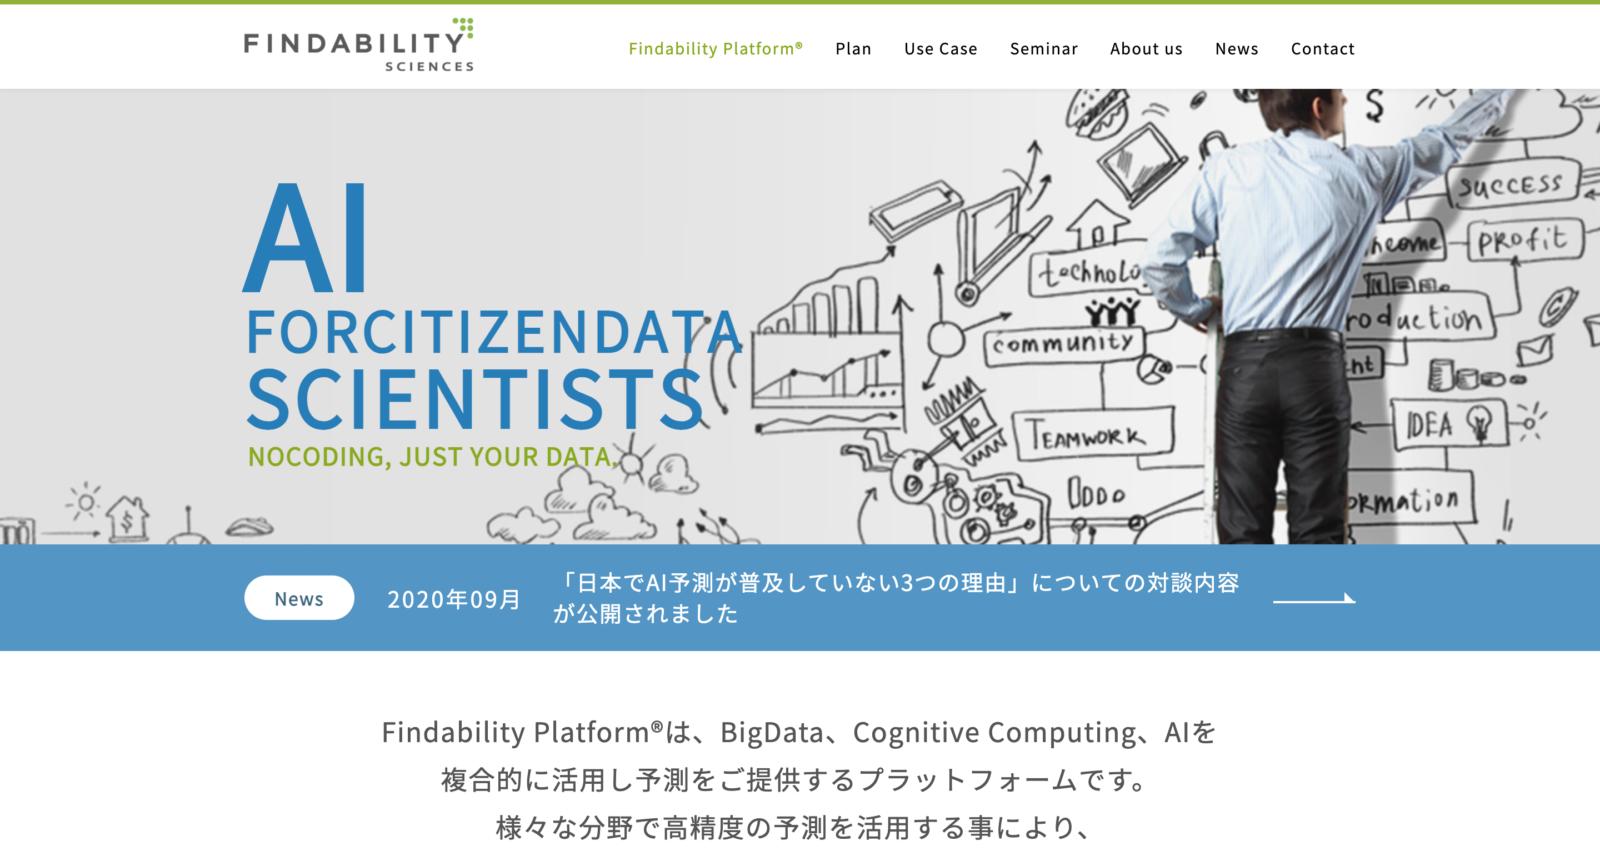 Findability Platform